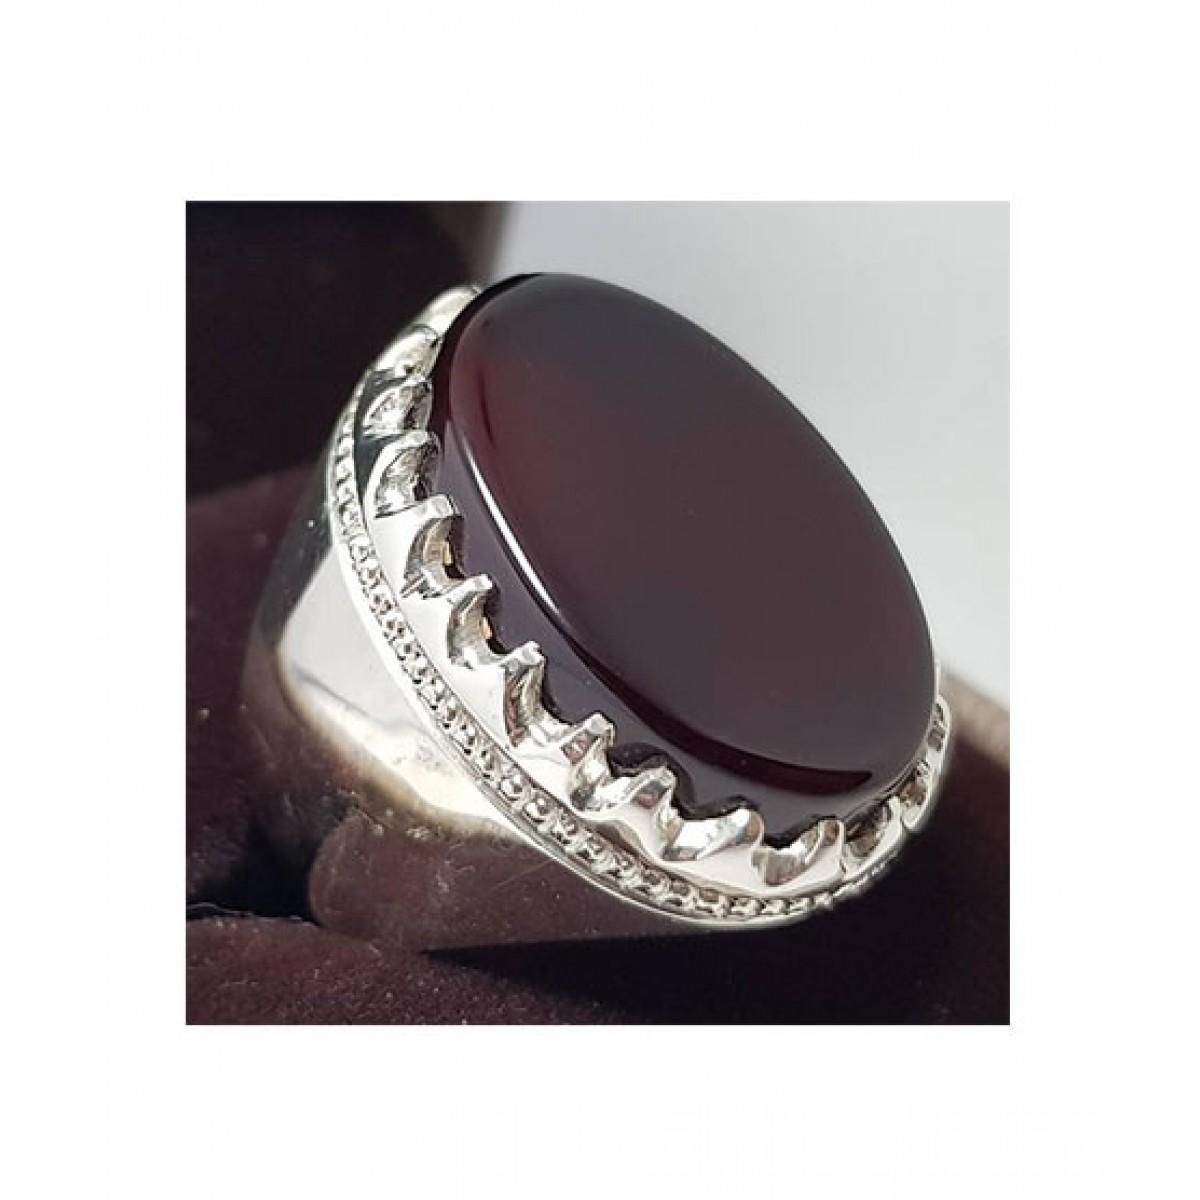 Zaidi Jewelry Yemeni Aqeeq Ring For Men (0002)